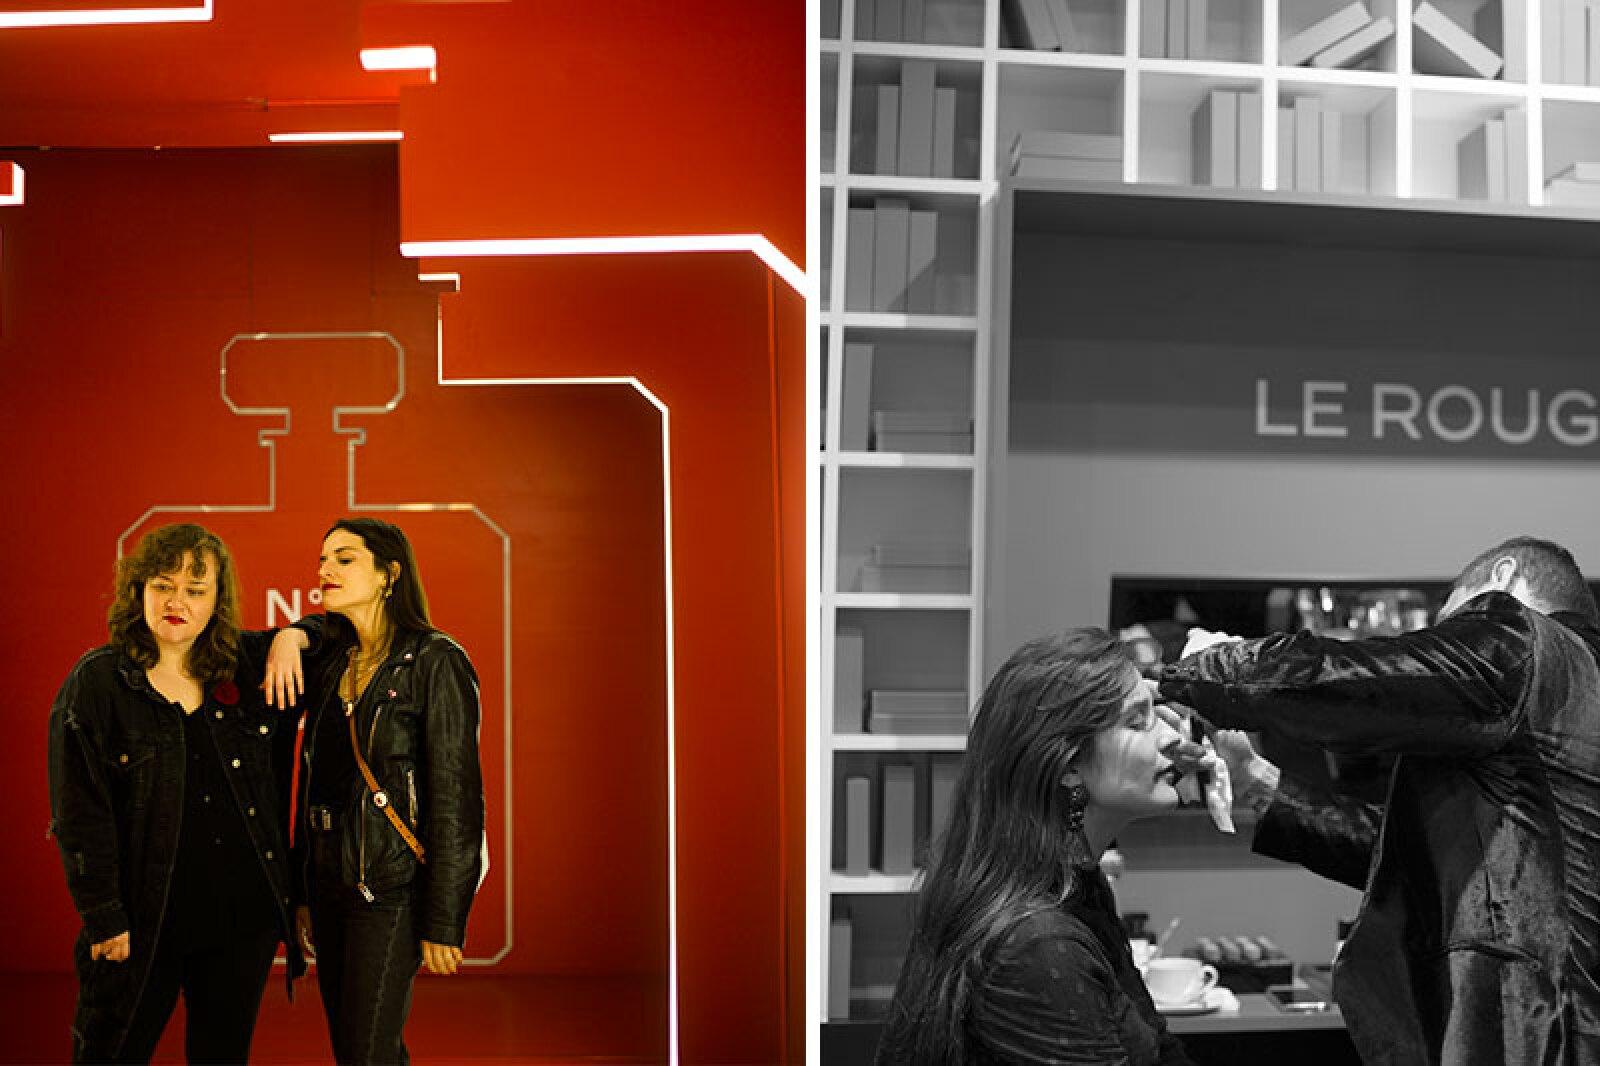 Chanel-Le-Rouge-Pop-Up-5